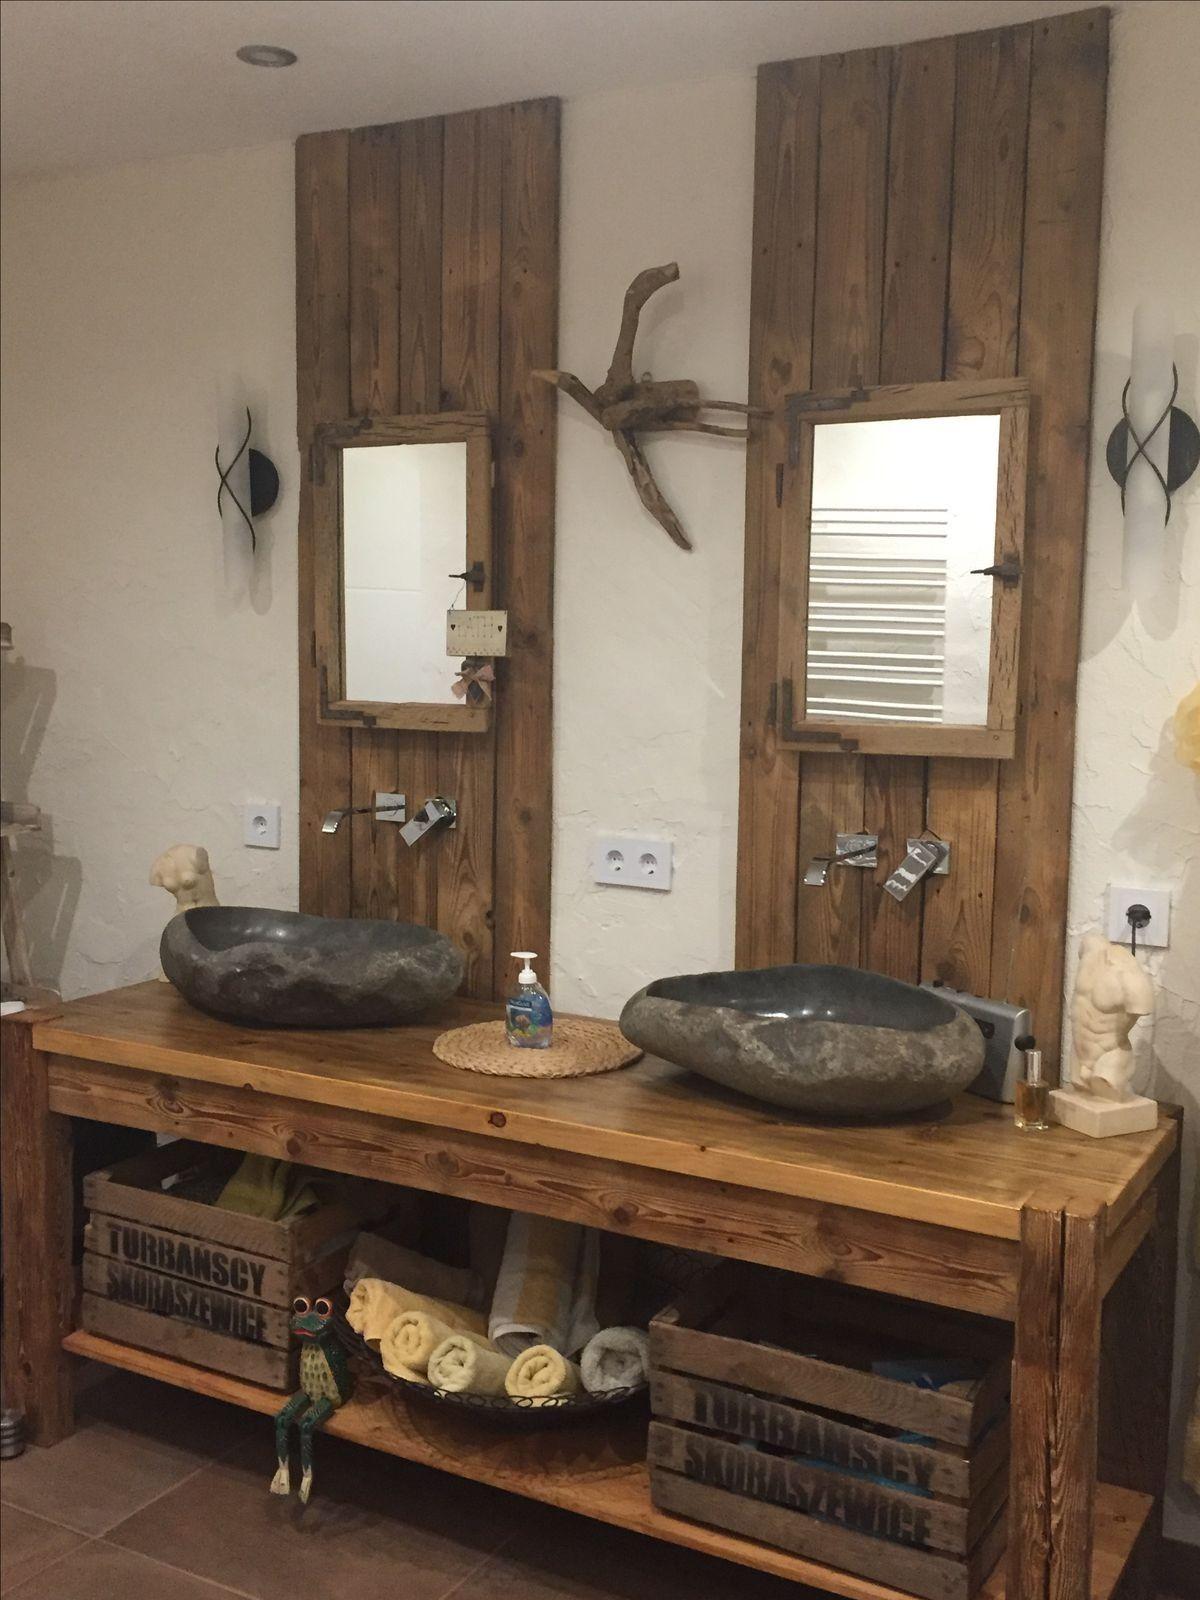 Faszinierend Bad Mit Holz Dekoration Von Pin Von Vhn Auf Ванная | Inspiration